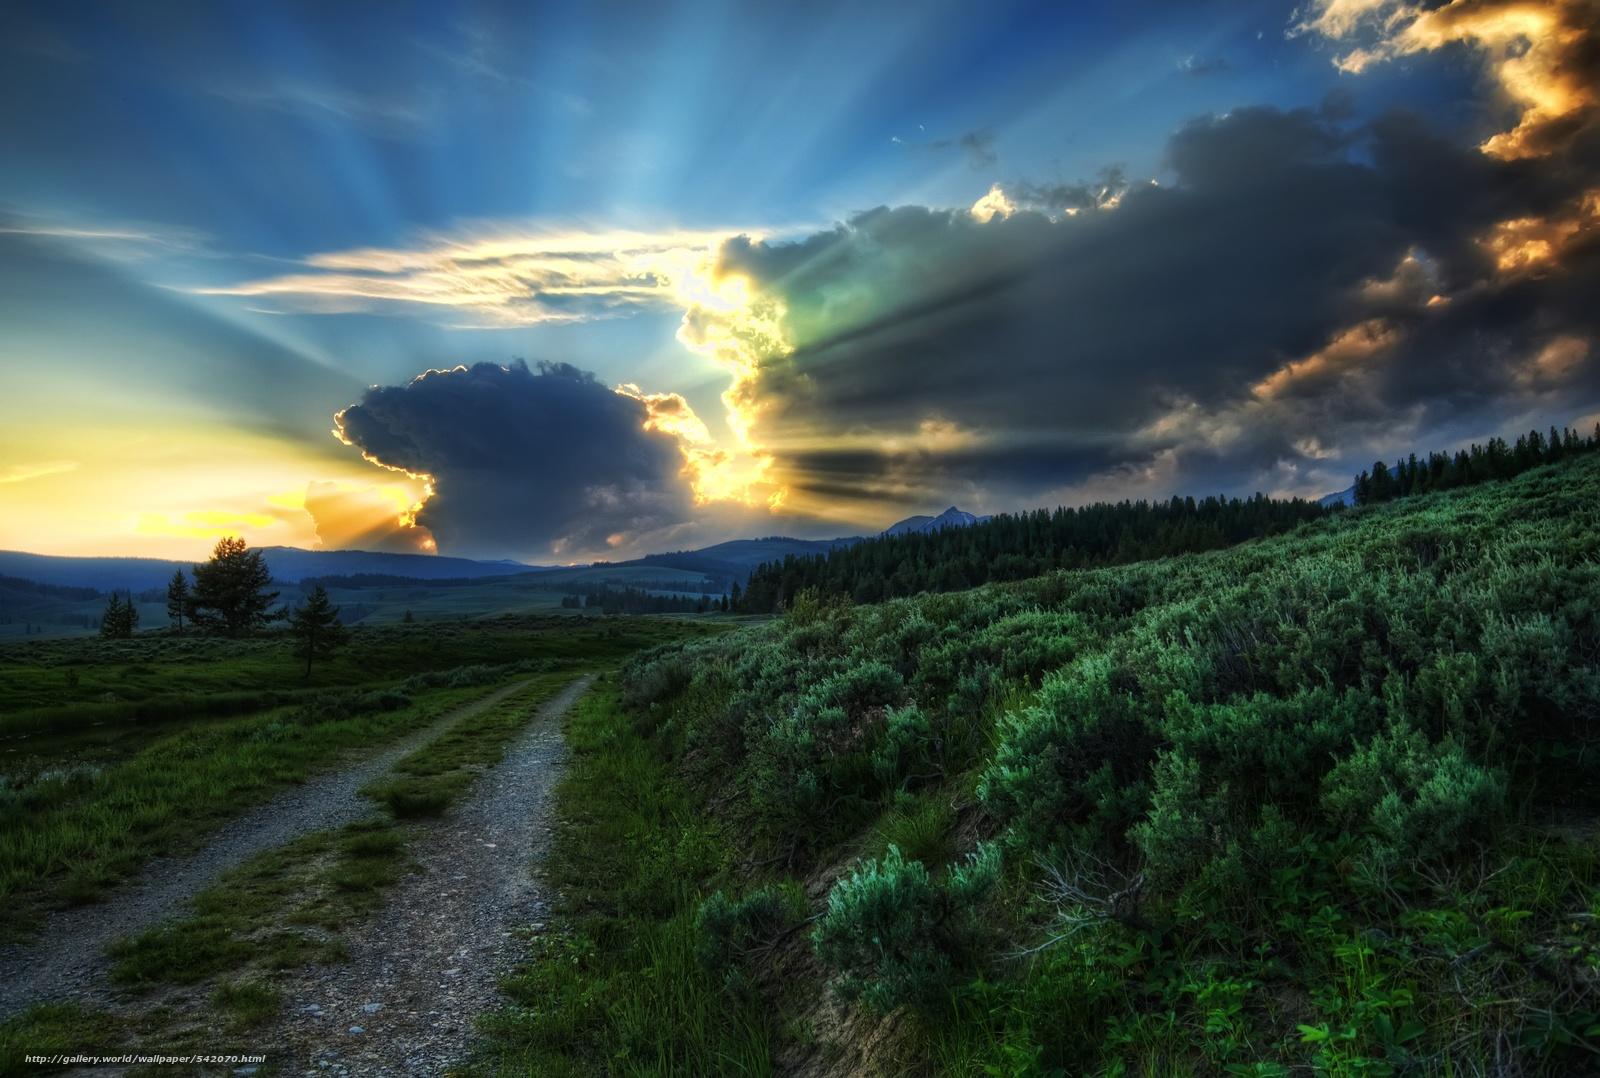 scaricare gli sfondi The Dirt Road to the Blast sito nucleare,  selvatico,  tramonto,  Yellowstone Sfondi gratis per la risoluzione del desktop 4132x2784 — immagine №542070